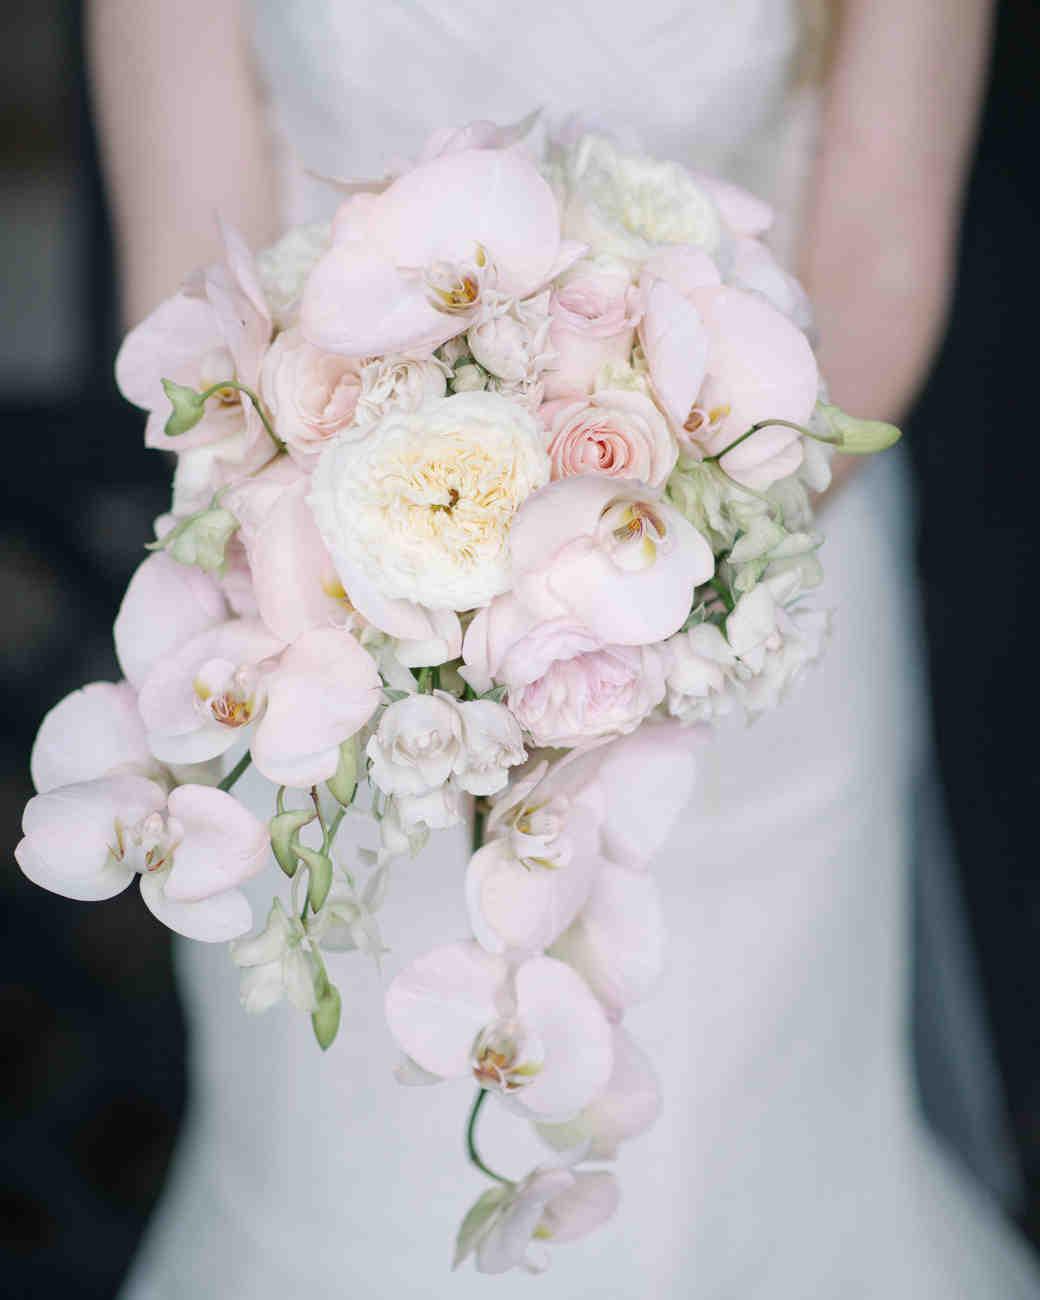 مدل شیک و عاشقانه دسته گل عروس ارکیده